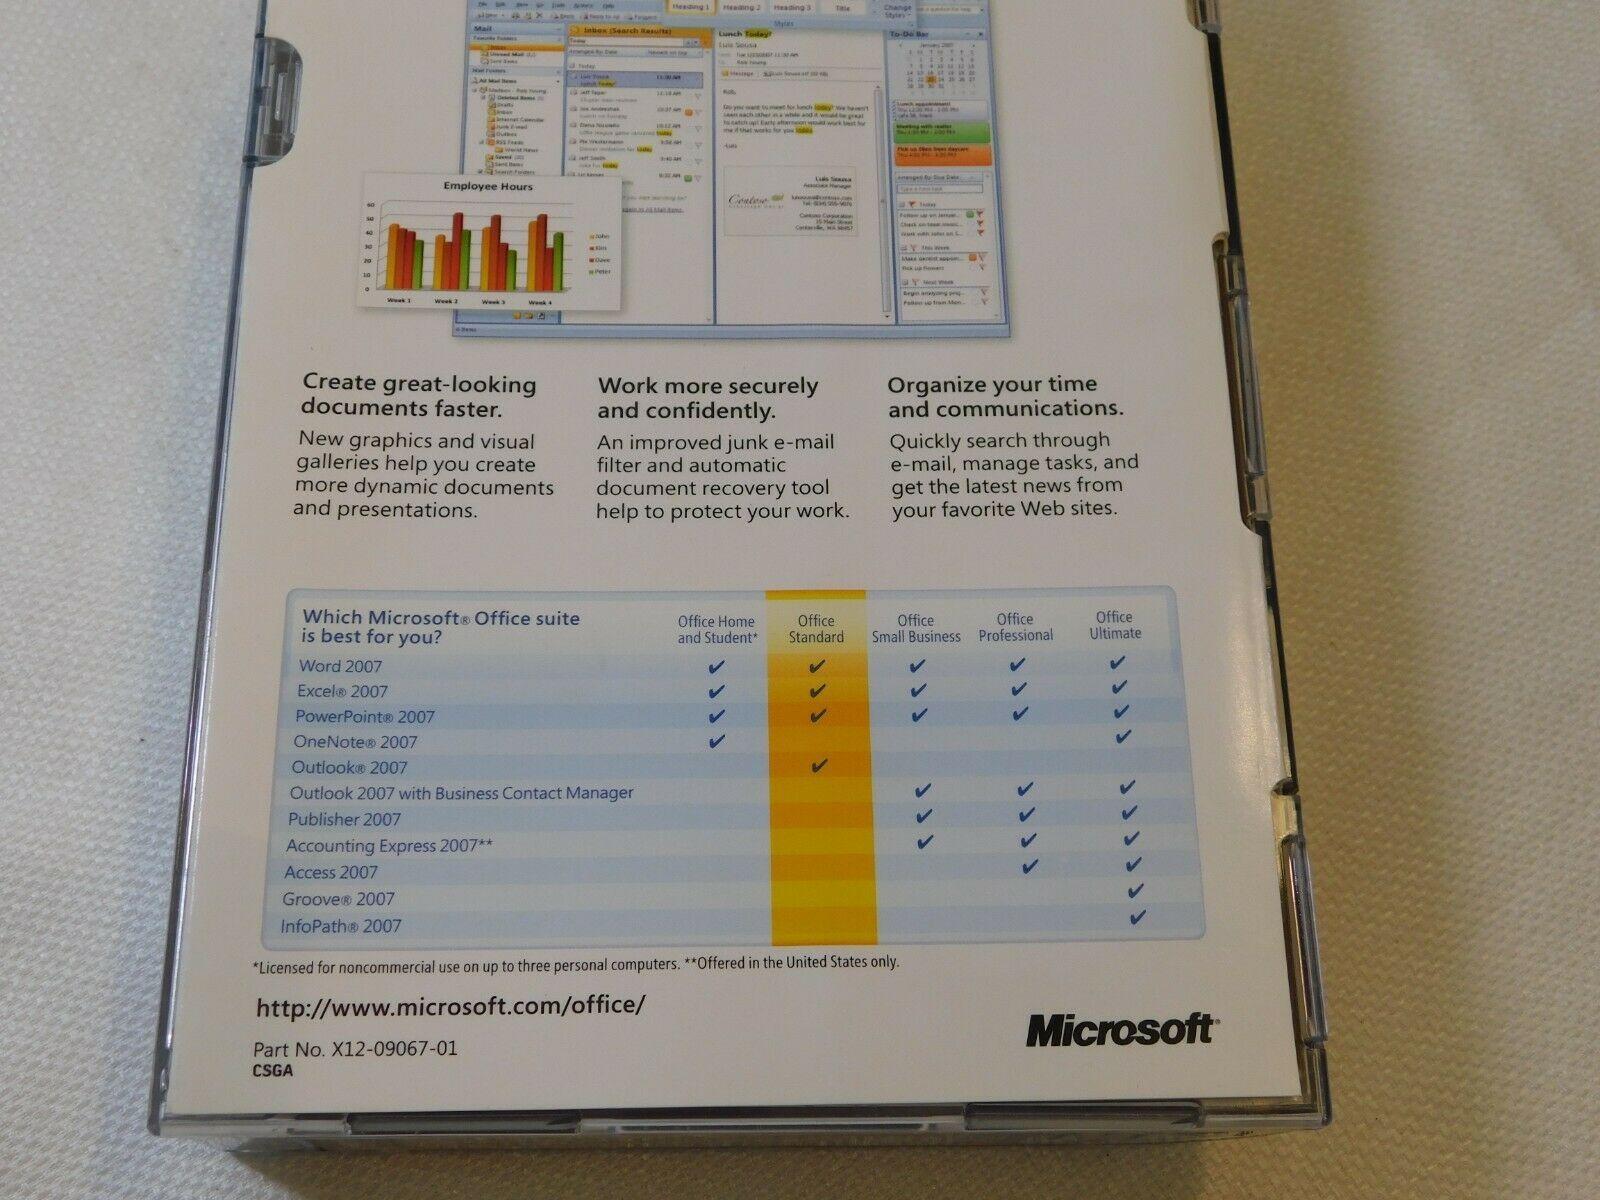 Microsoft Oficina Estándar 2007 PC Actualización 021-07668 Abierto NOS New Word image 5